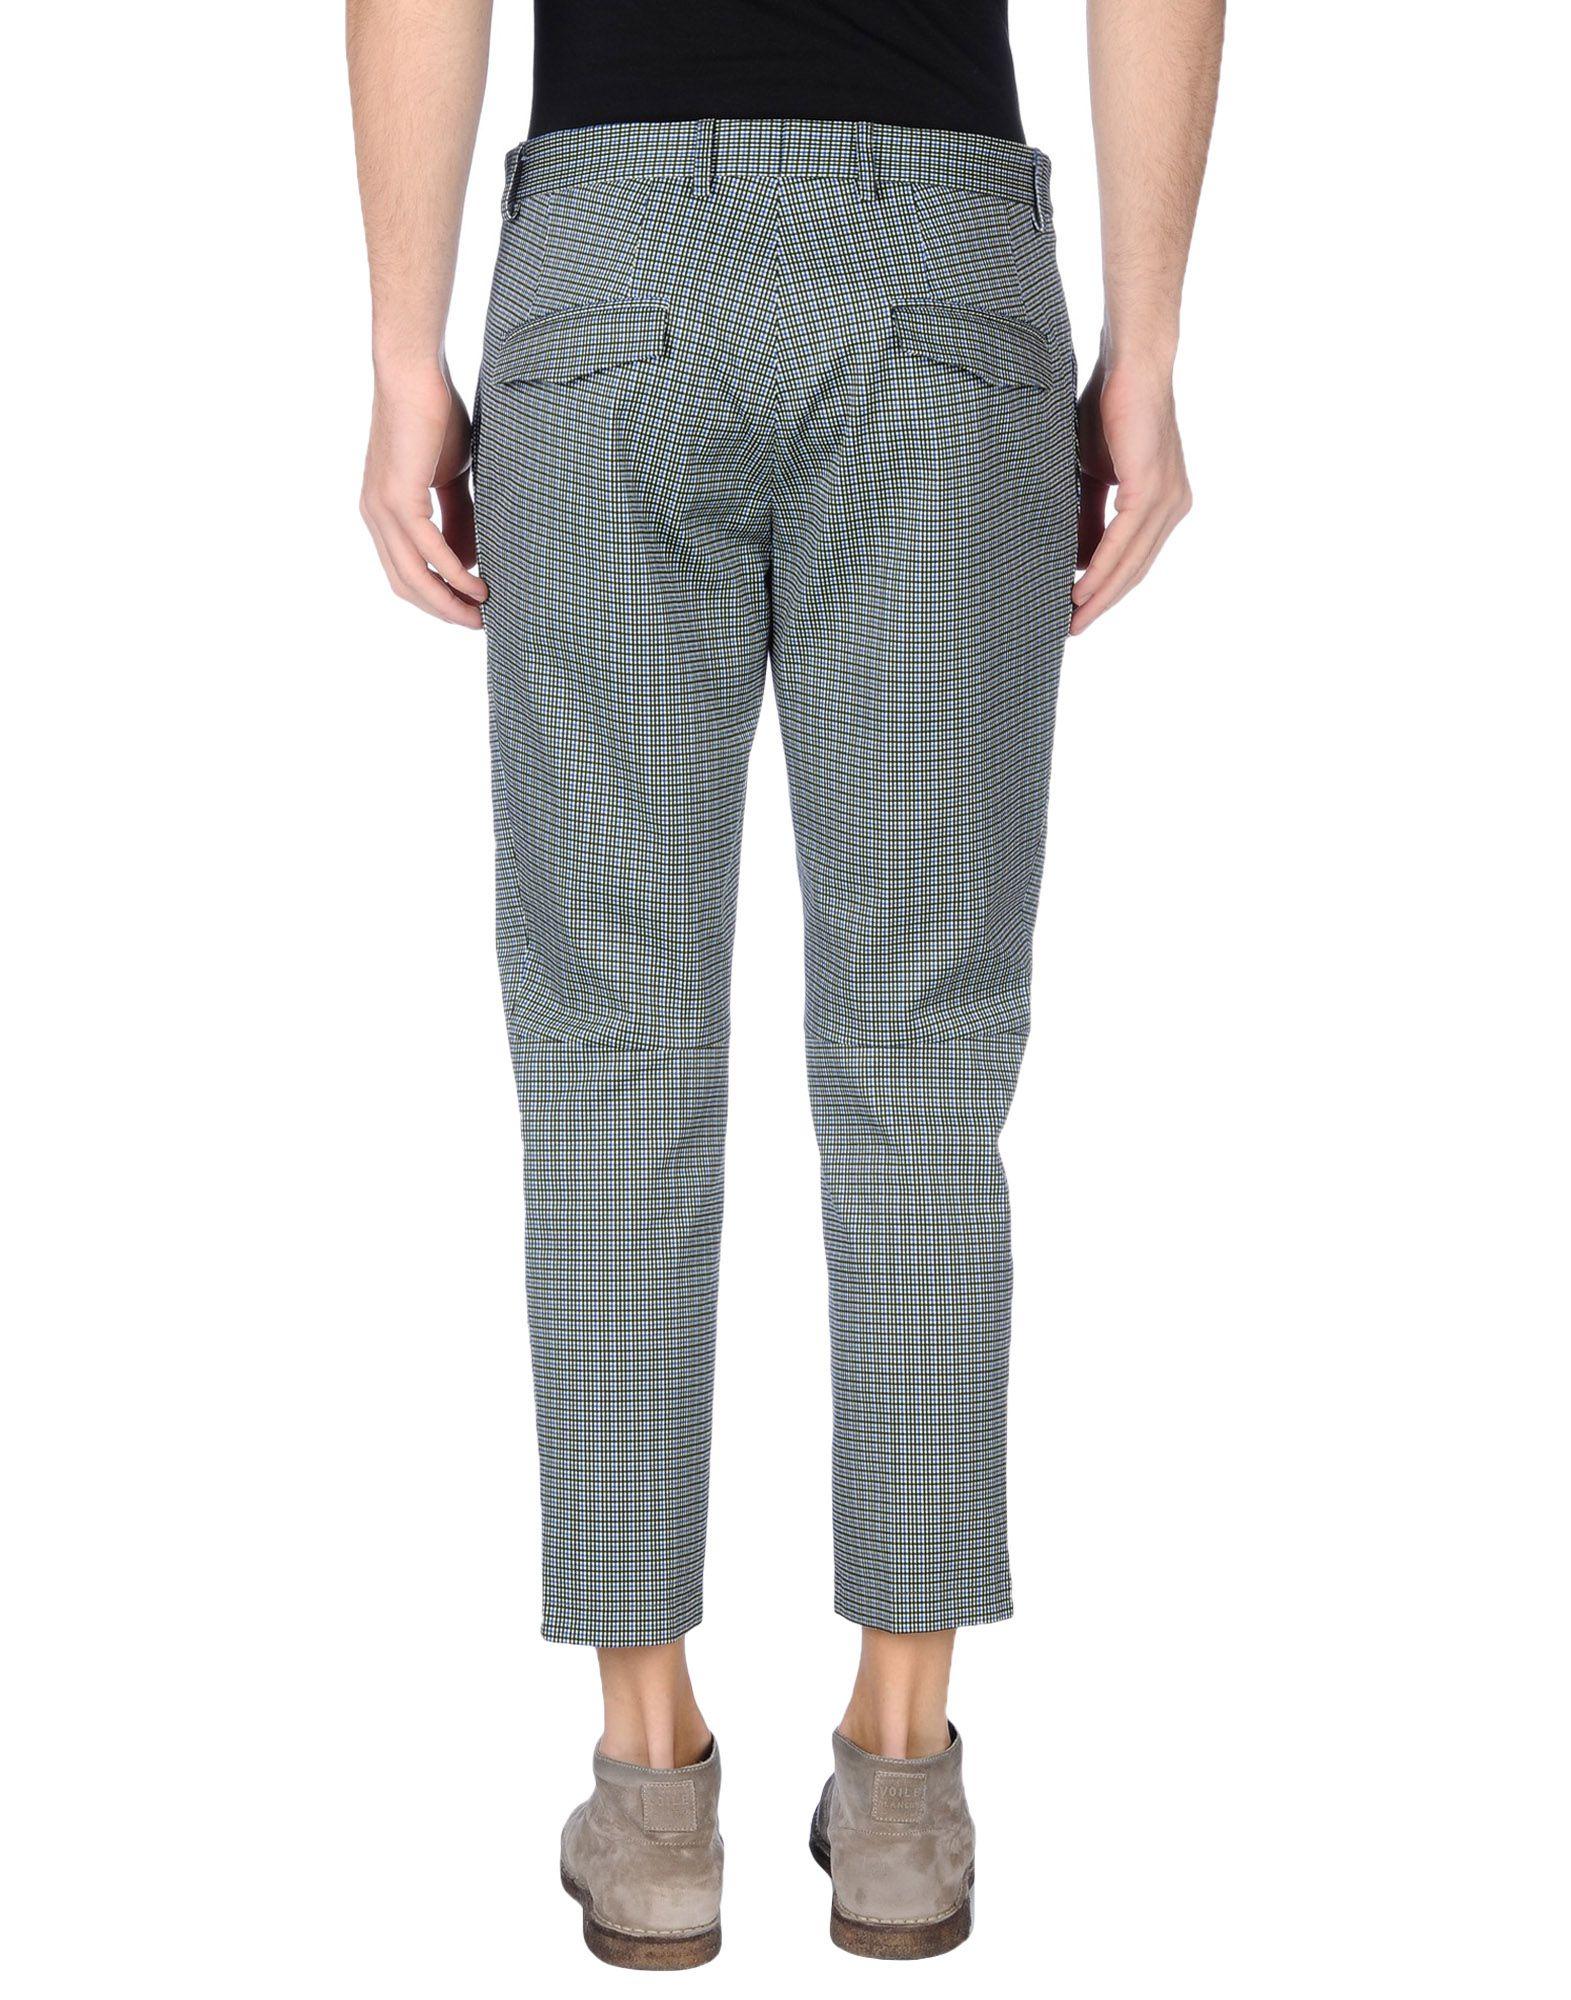 Trousers - Casual Trousers St. Pantalon - Pantalon Décontracté St. Diego Diego ZWkb3MWh3U